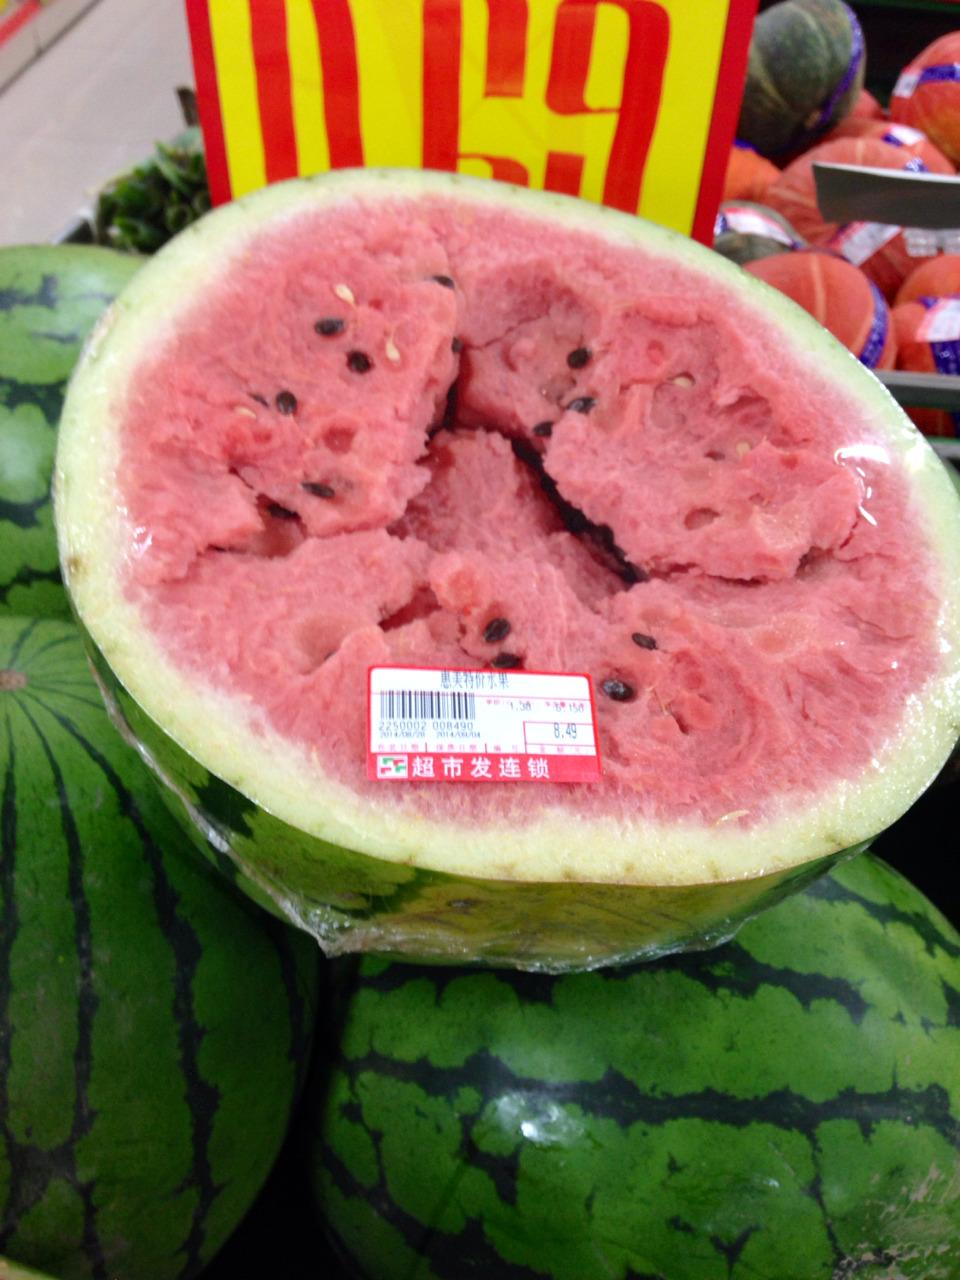 Half a watermelon for less than $1.50